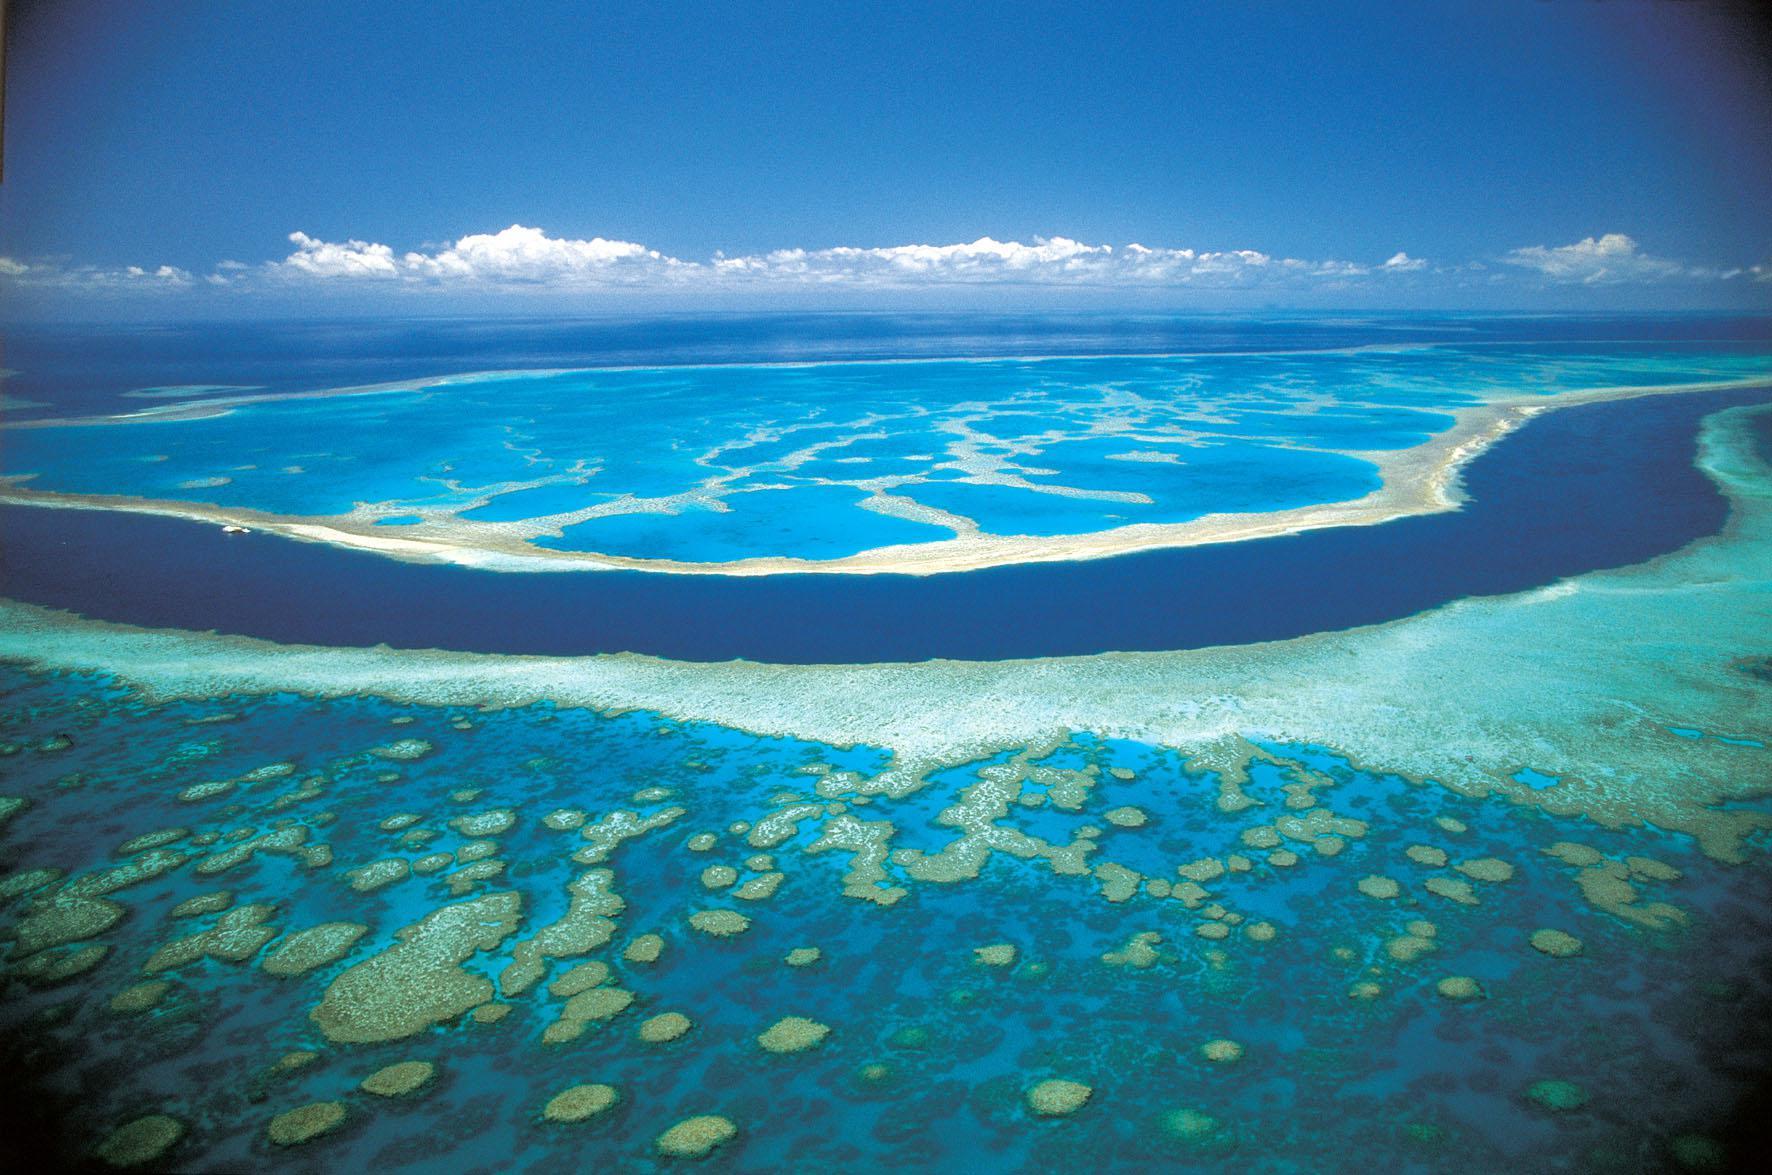 参加Cruise Whitsunday Reefsleep露营2日游攻略,参加Cruise